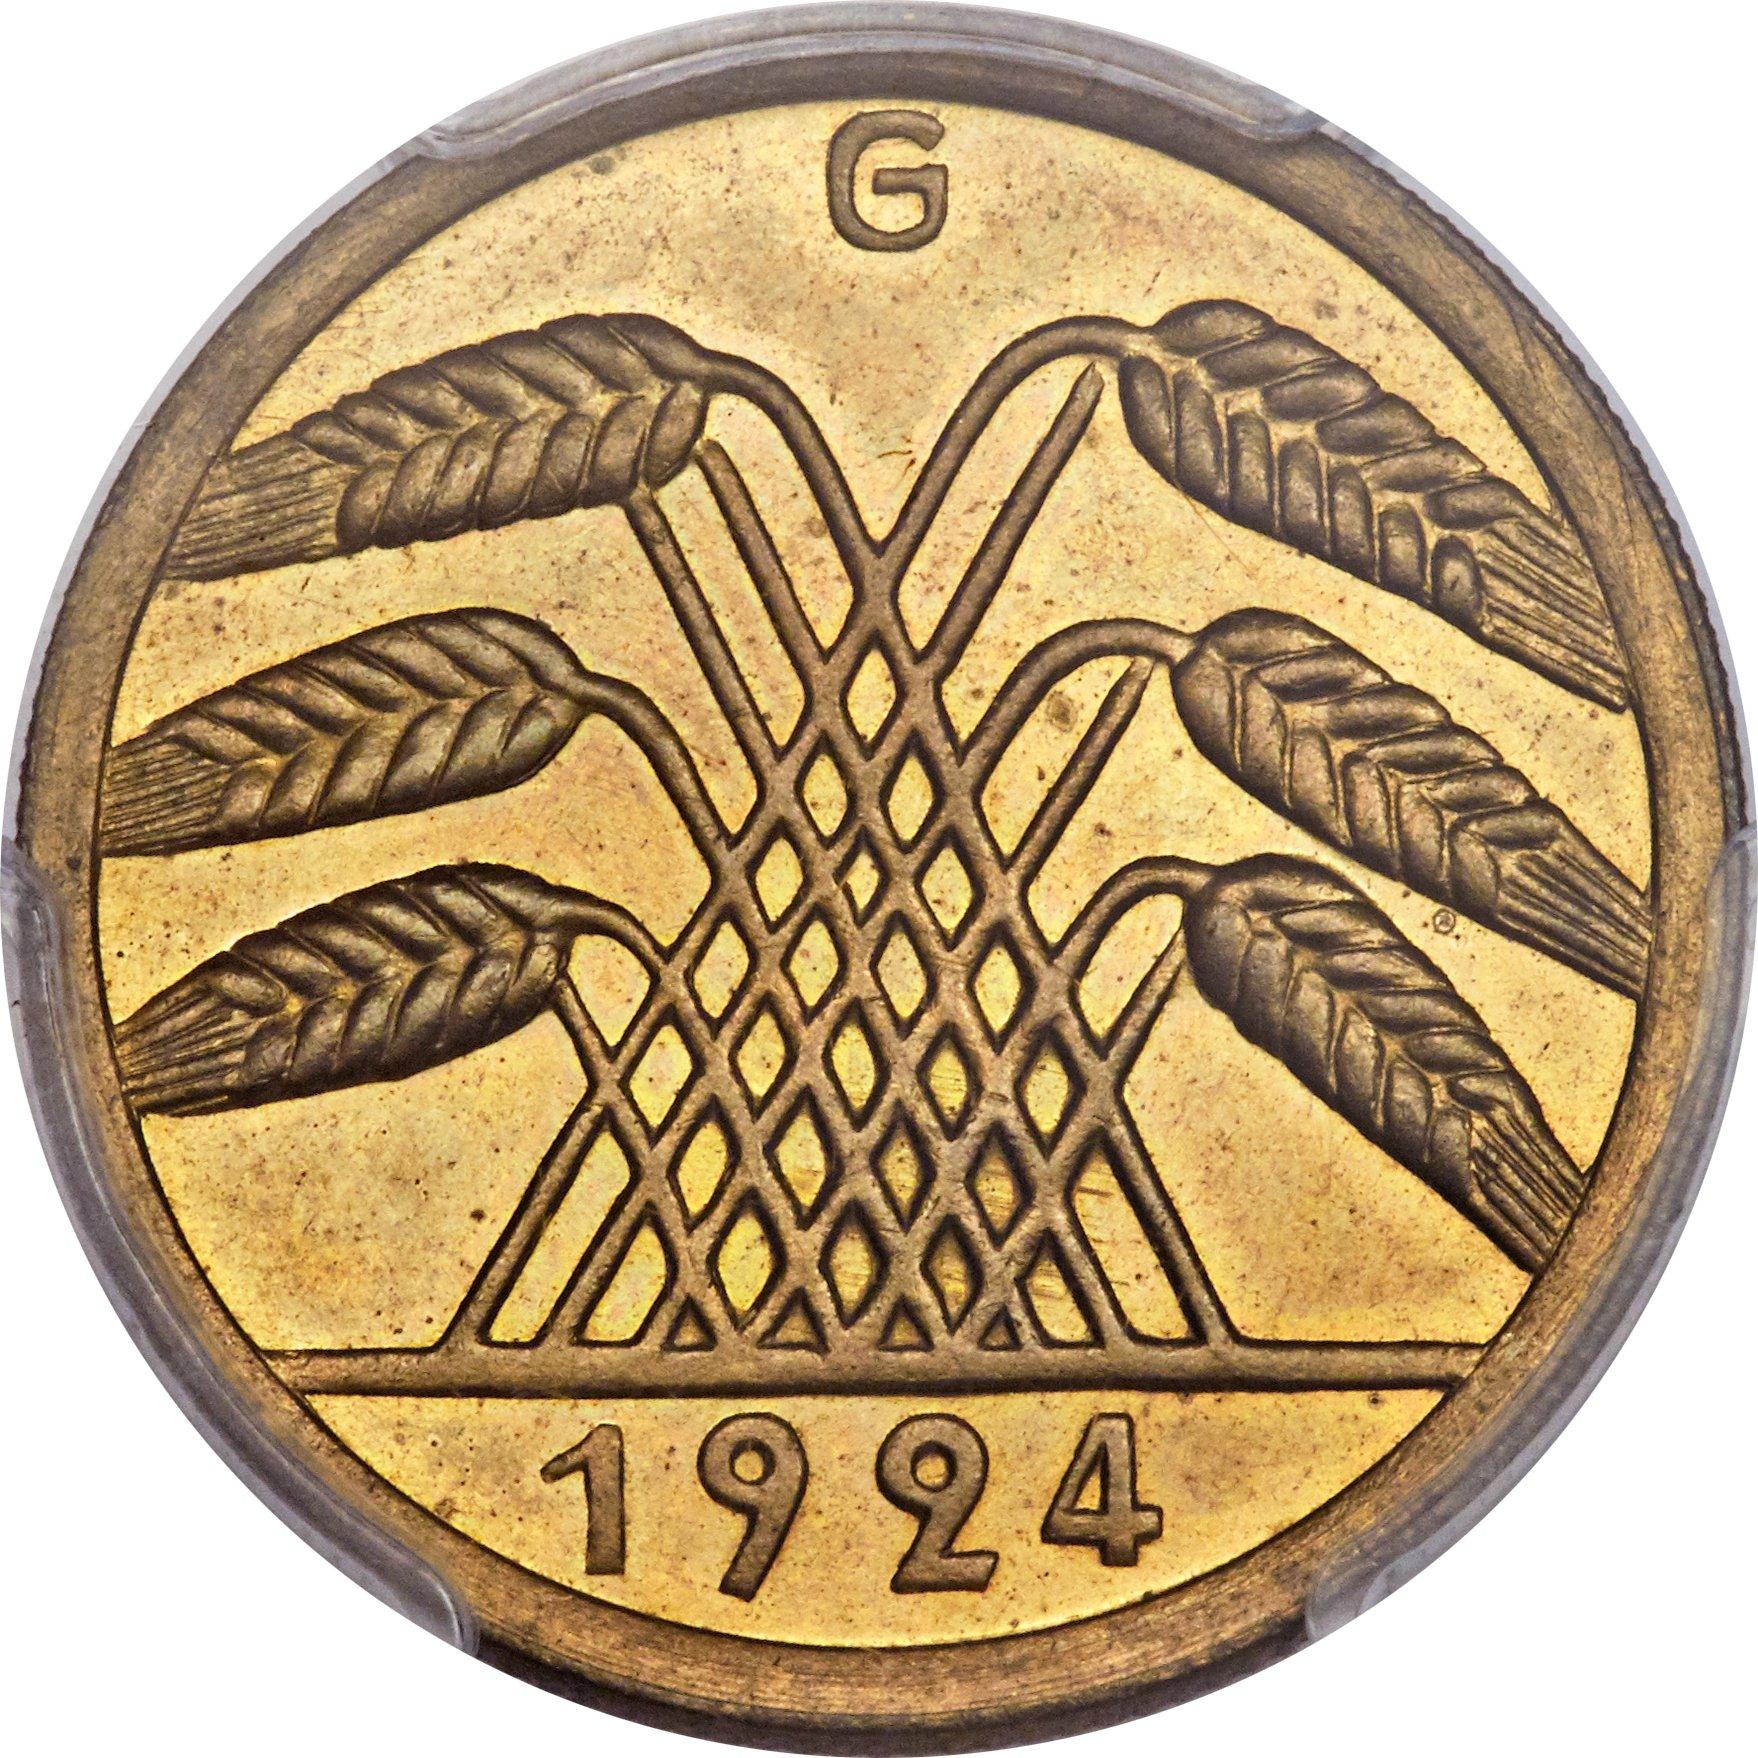 1935 A Germany Weimar Republic 1 Reichspfennig Coin VG